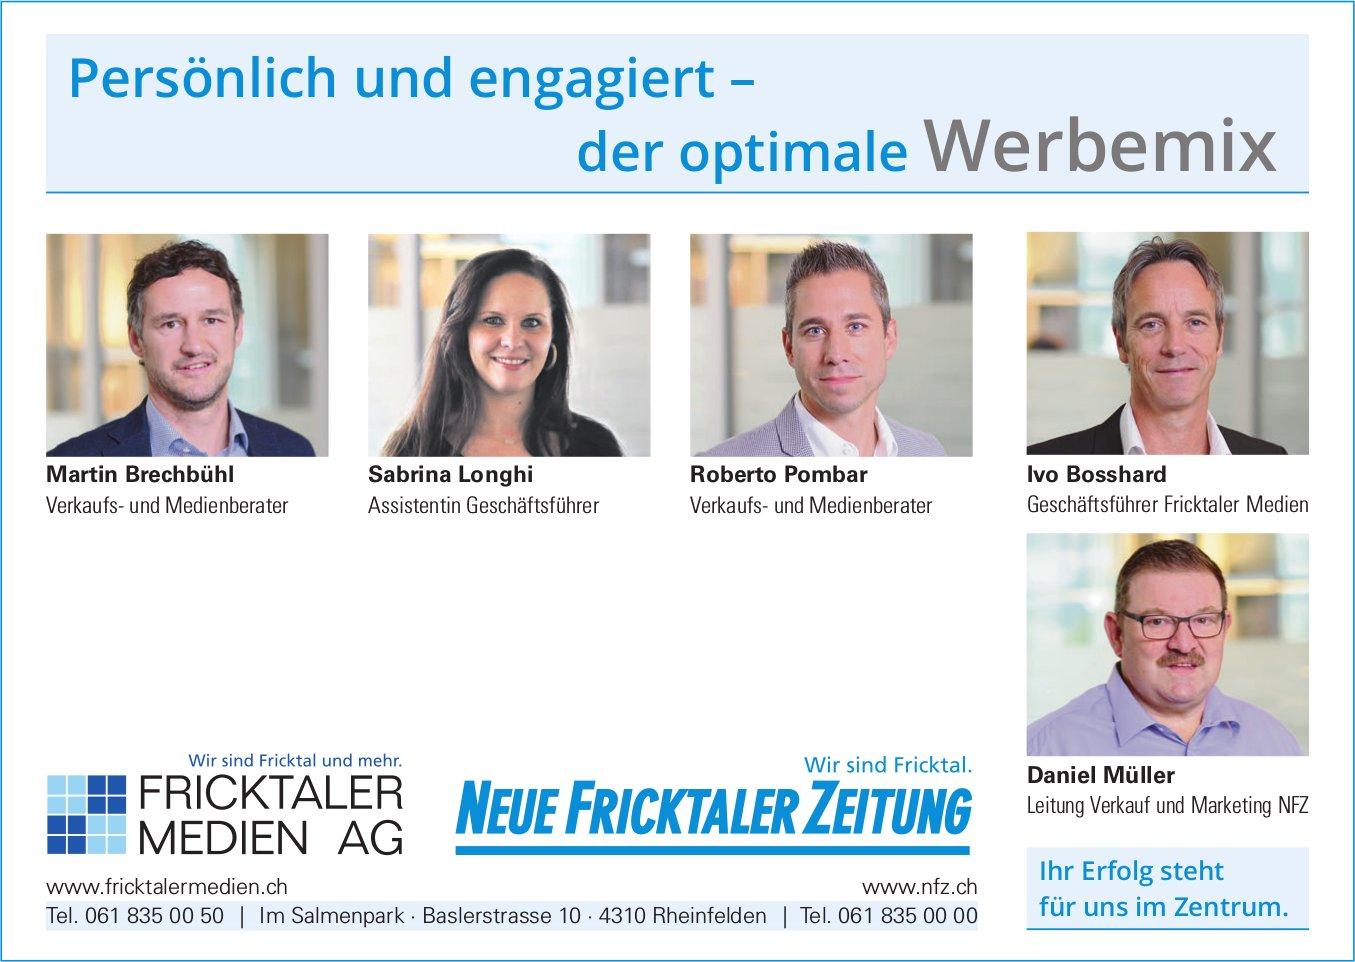 NFZ / FRICKTALER MEDIEN AG - Persönlich und engagiert: der optimale Werbemix